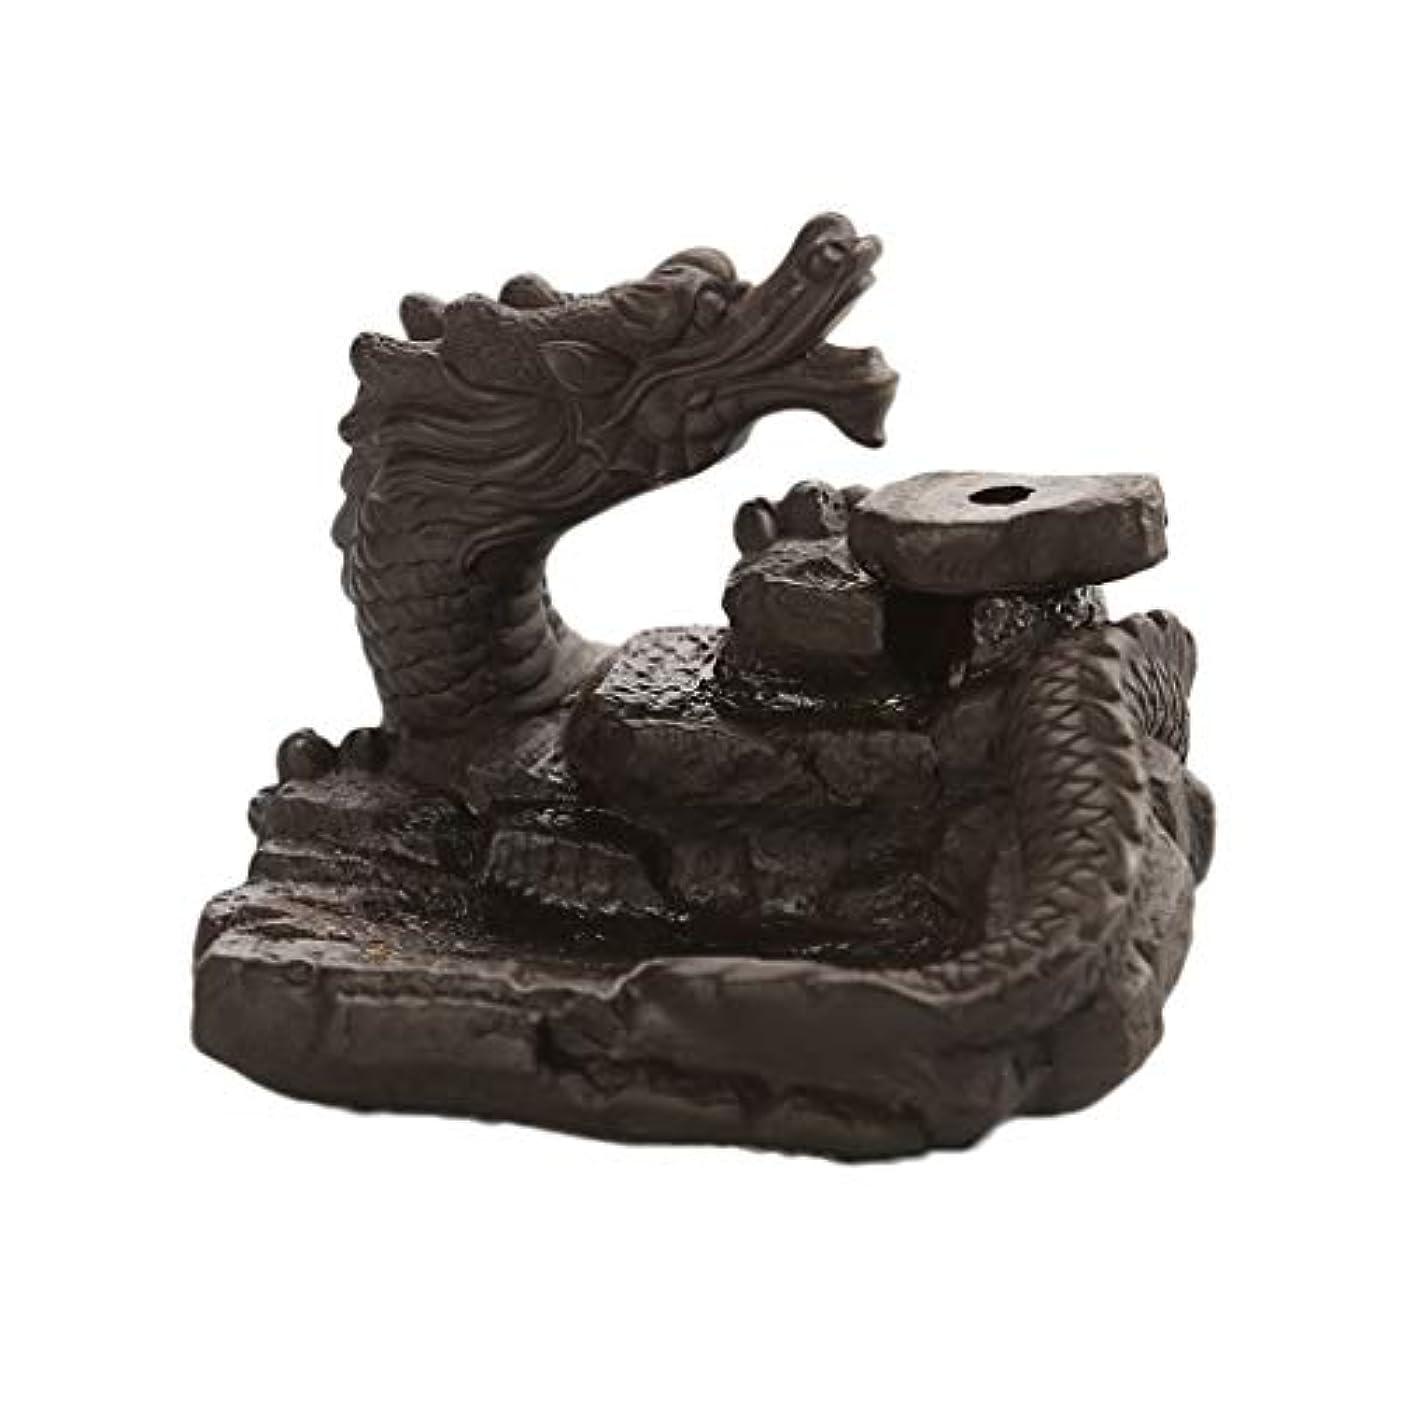 傾いた欲求不満キウイ芳香器?アロマバーナー ドラゴンの逆流の香炉の陶磁器のホールダーの黒ドラゴンの逆流の香炉の香炉の陶磁器のホールダー 芳香器?アロマバーナー